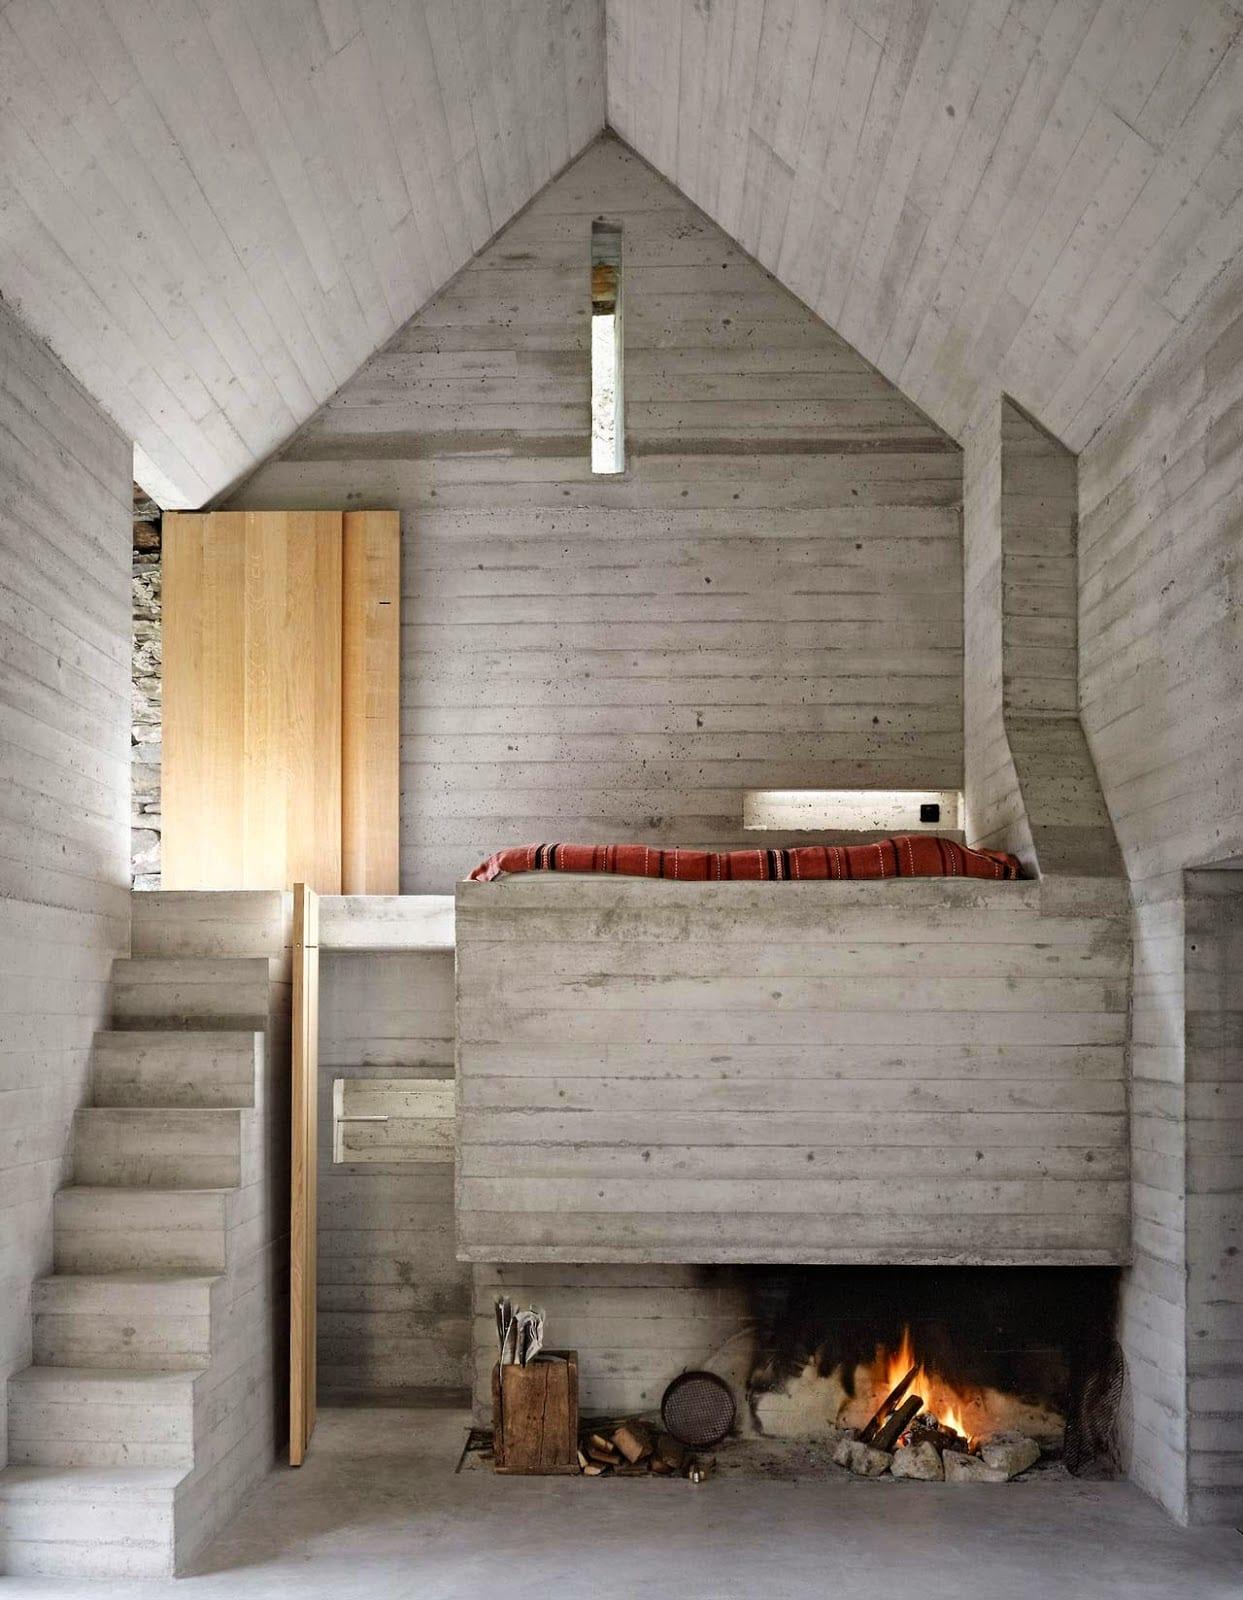 Kleines betonbau minimalistisches haus aus beton freshouse for Minimalistisches haus